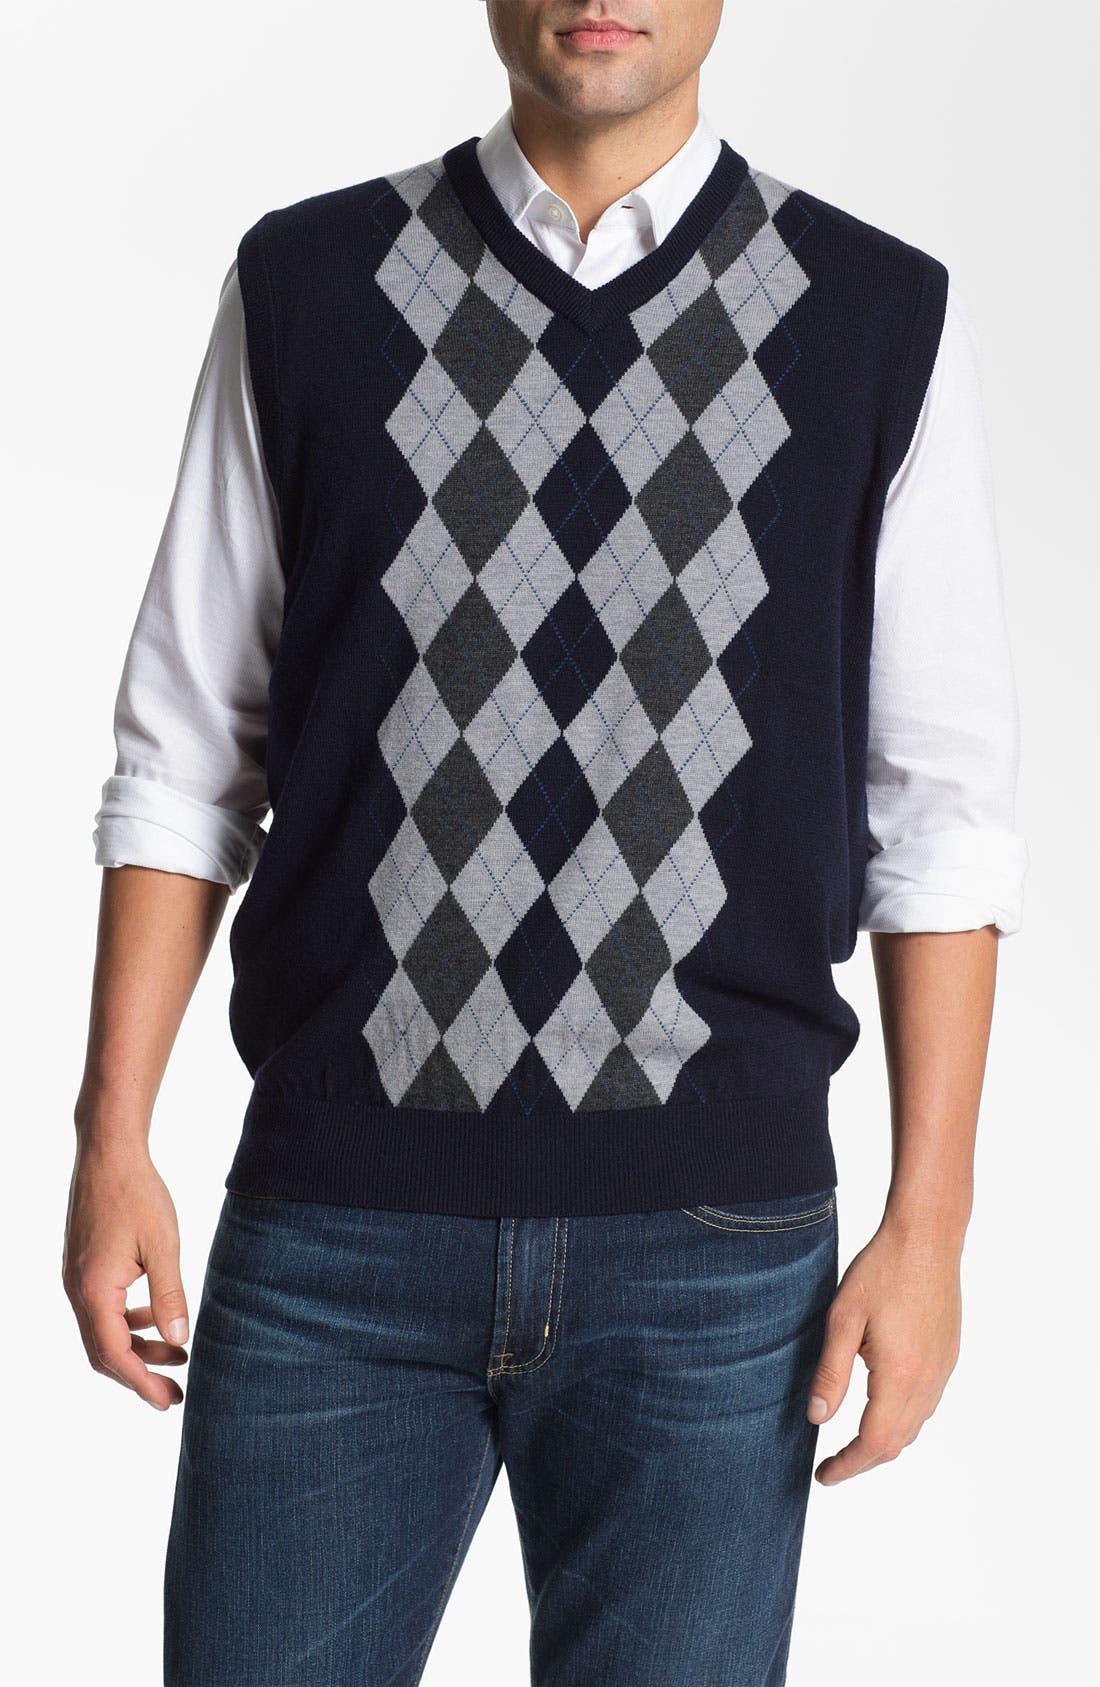 Main Image - Toscano V-Neck Wool Blend Sweater Vest